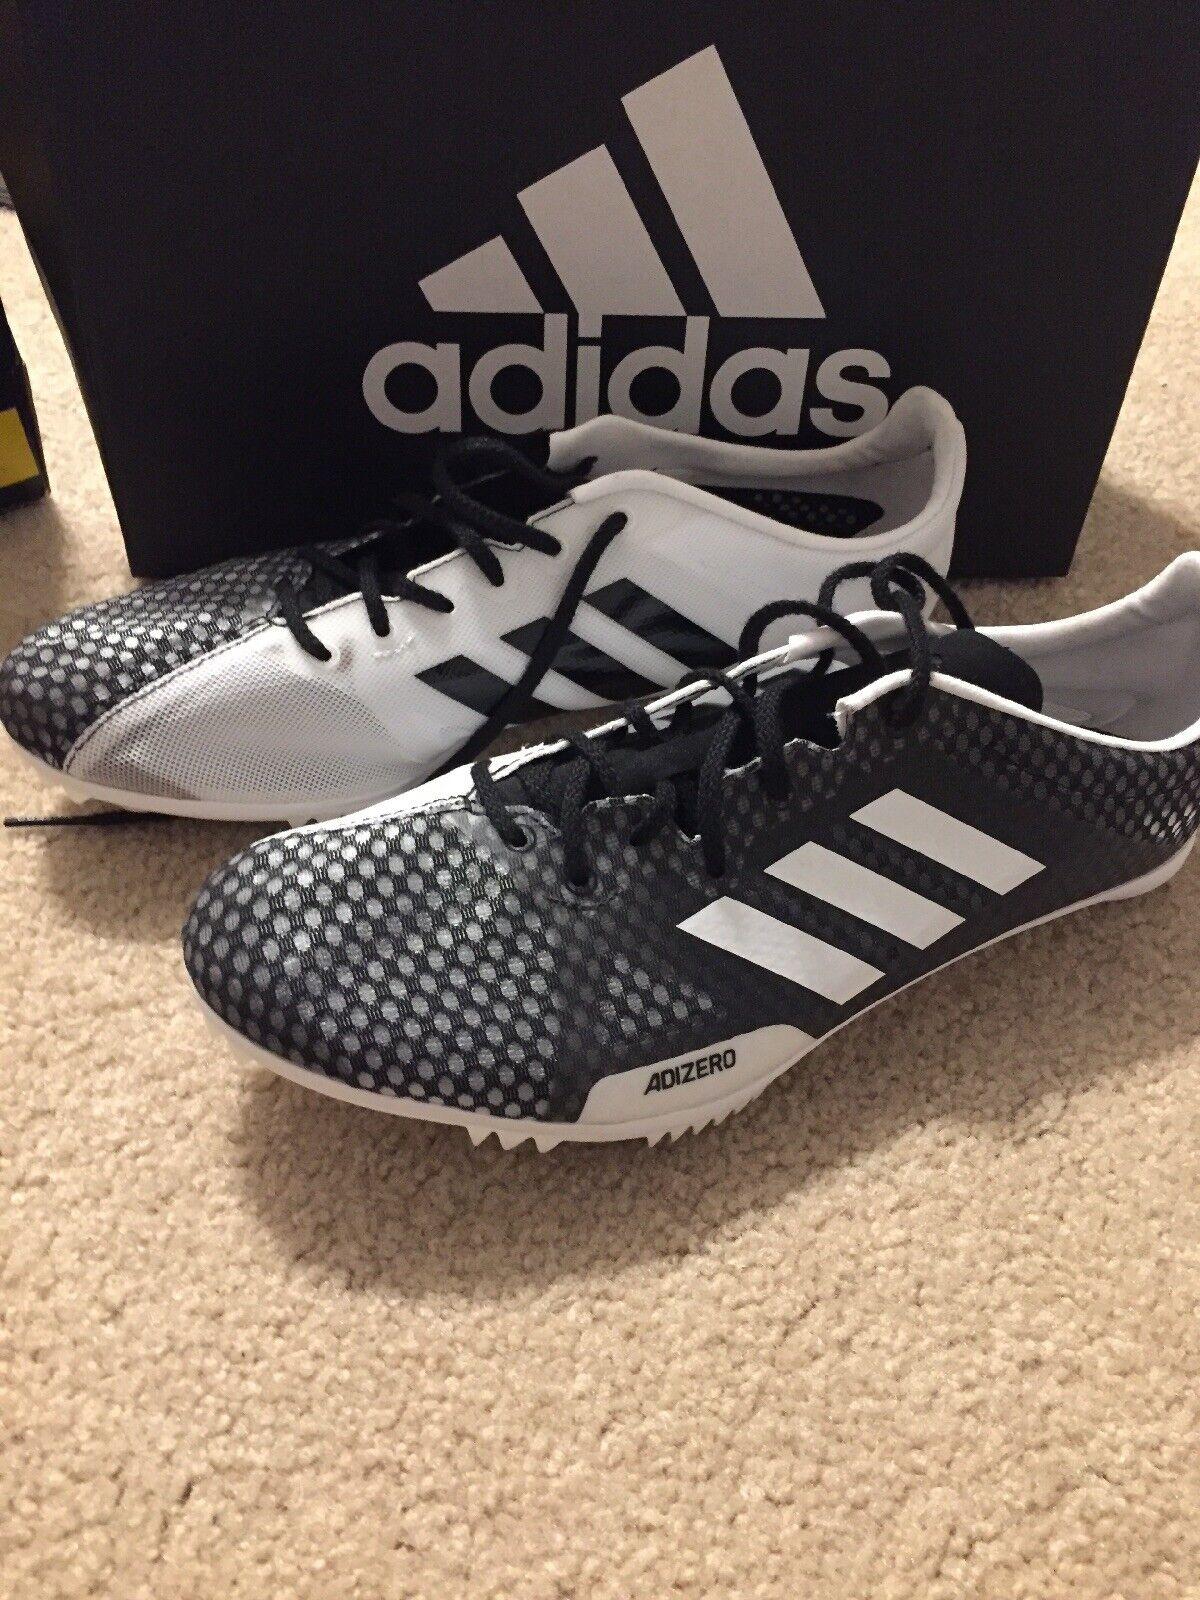 Adidas uomini adizero ambizione 4 4 4 scarpa da corsa, cuore nero, ftwr bianco,numero 12 | Prezzo giusto  627d6c